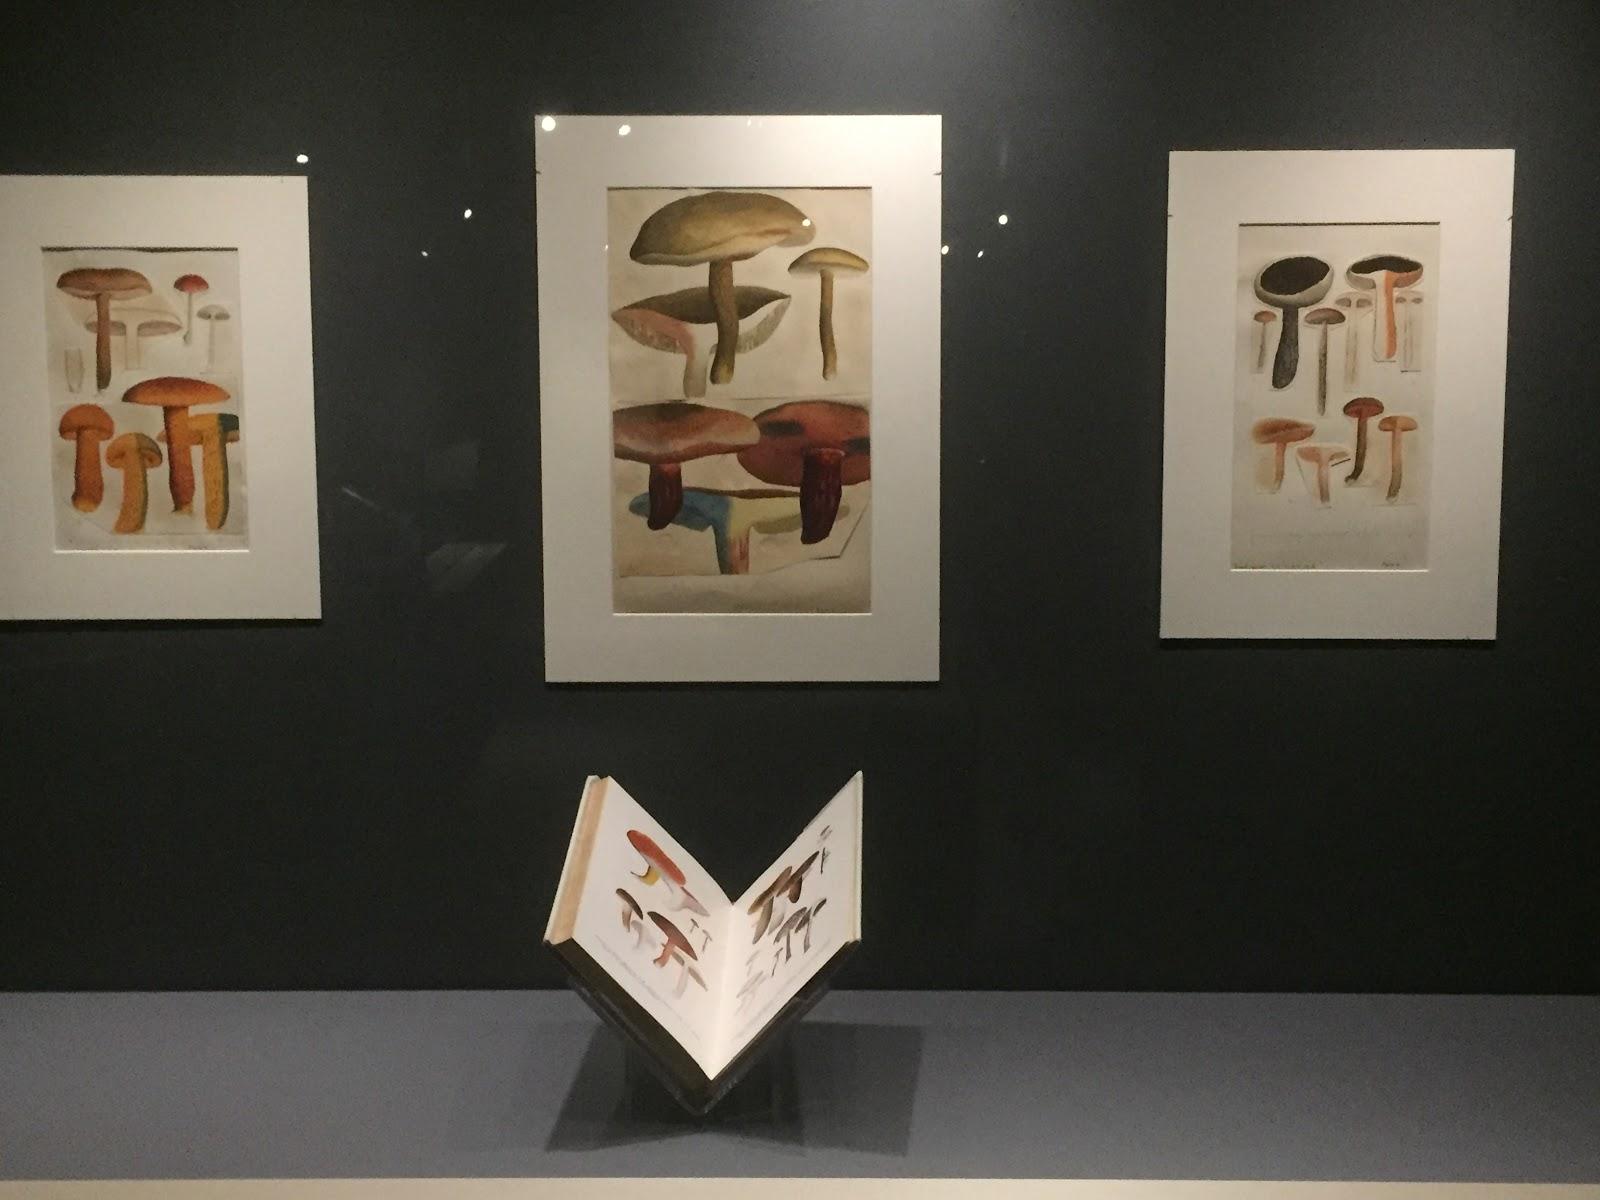 Colourful fungi illustrations